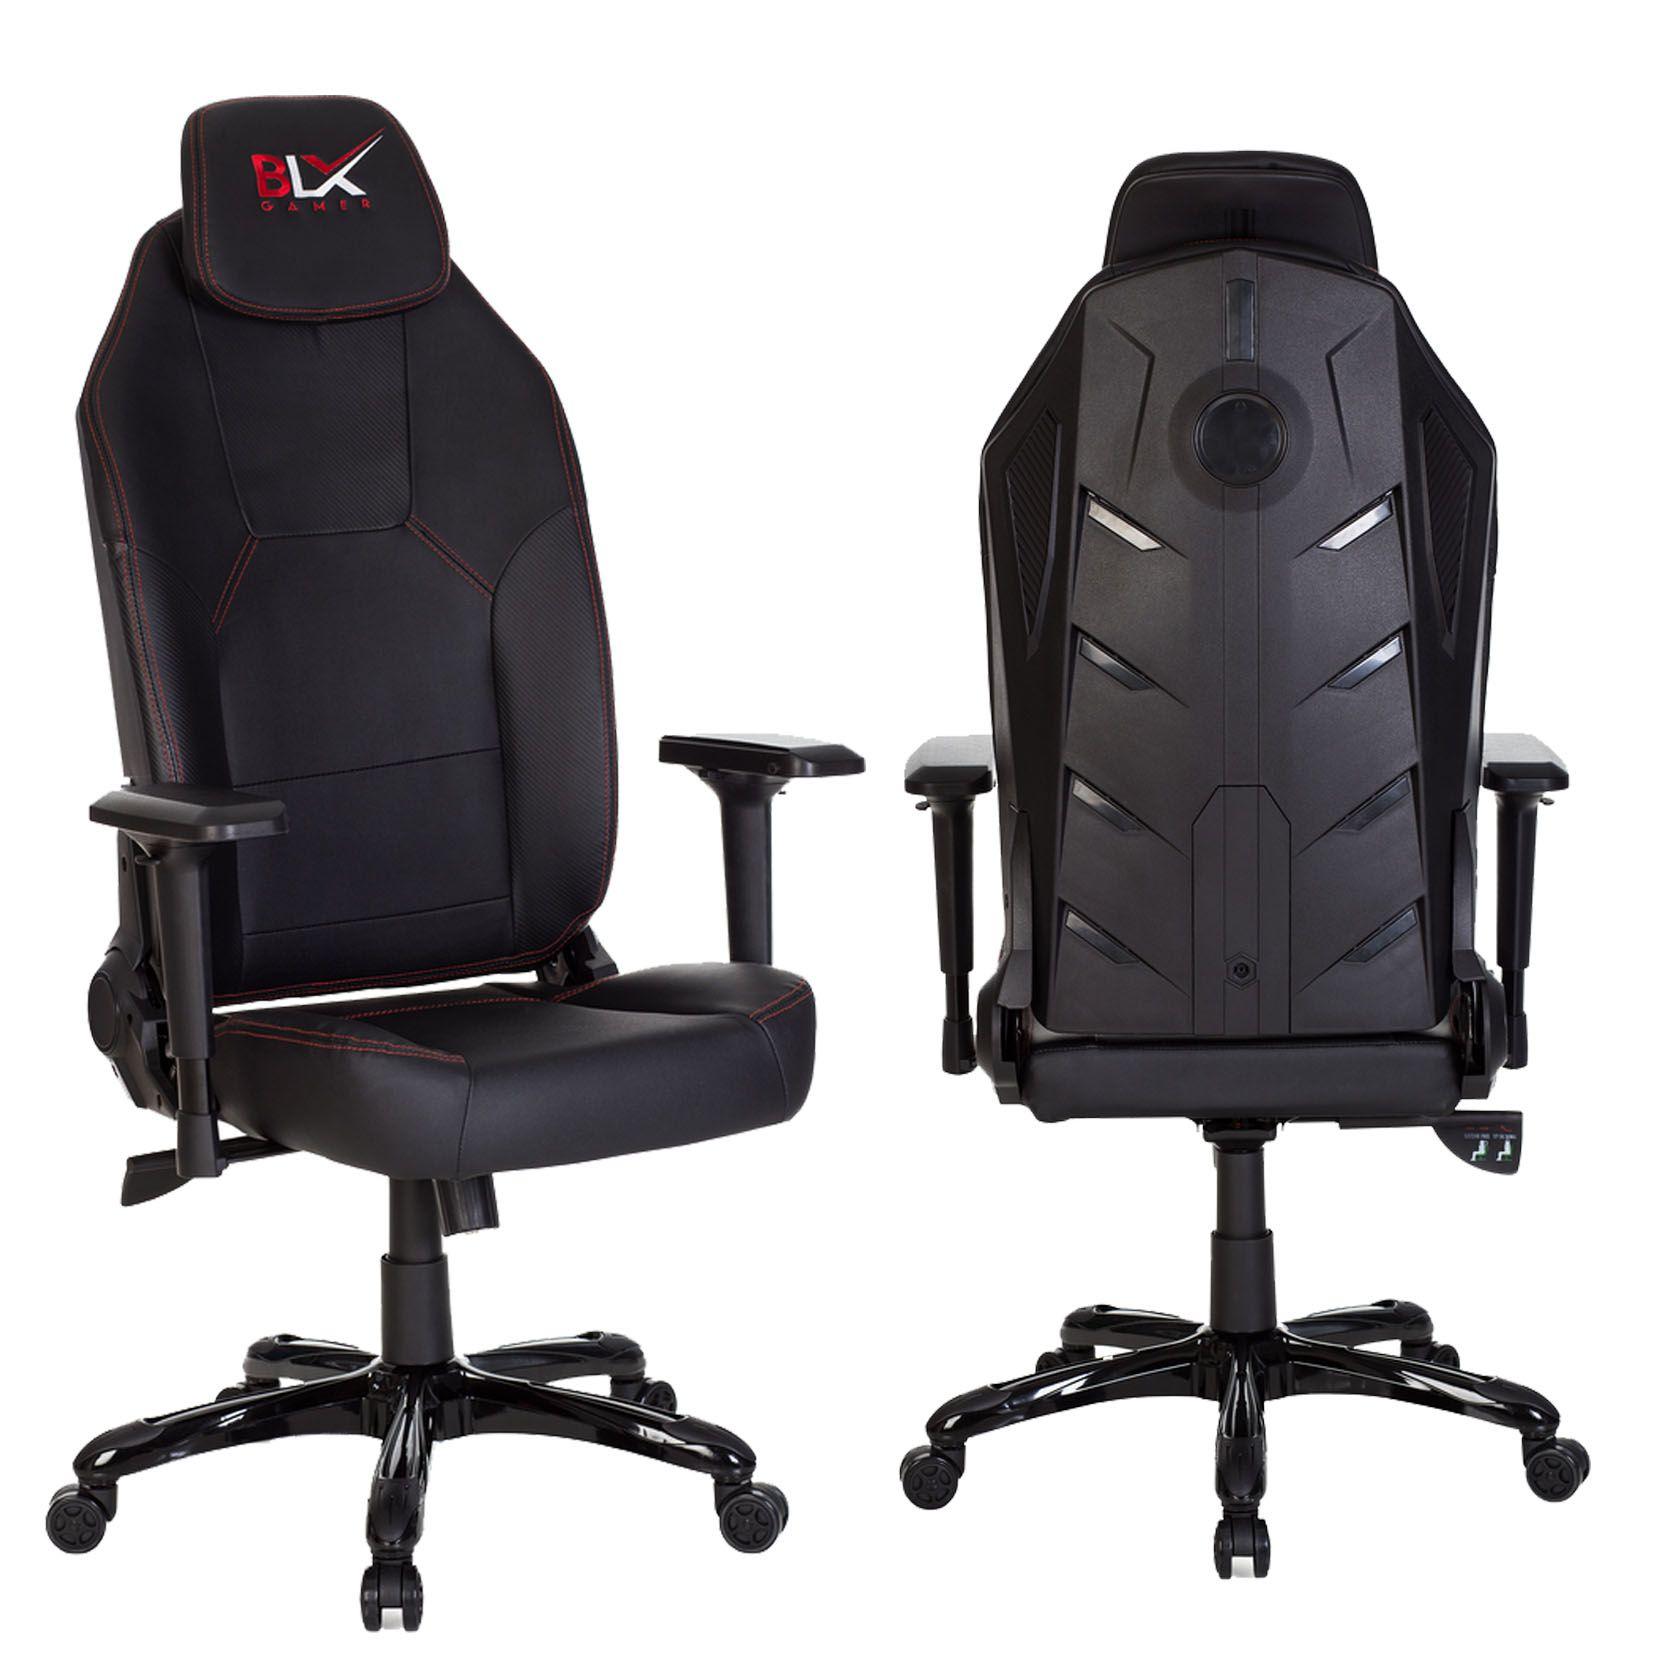 Cadeira Gamer com Led e Reclinação de 180° - BLX  - Tinay Móveis Ltda